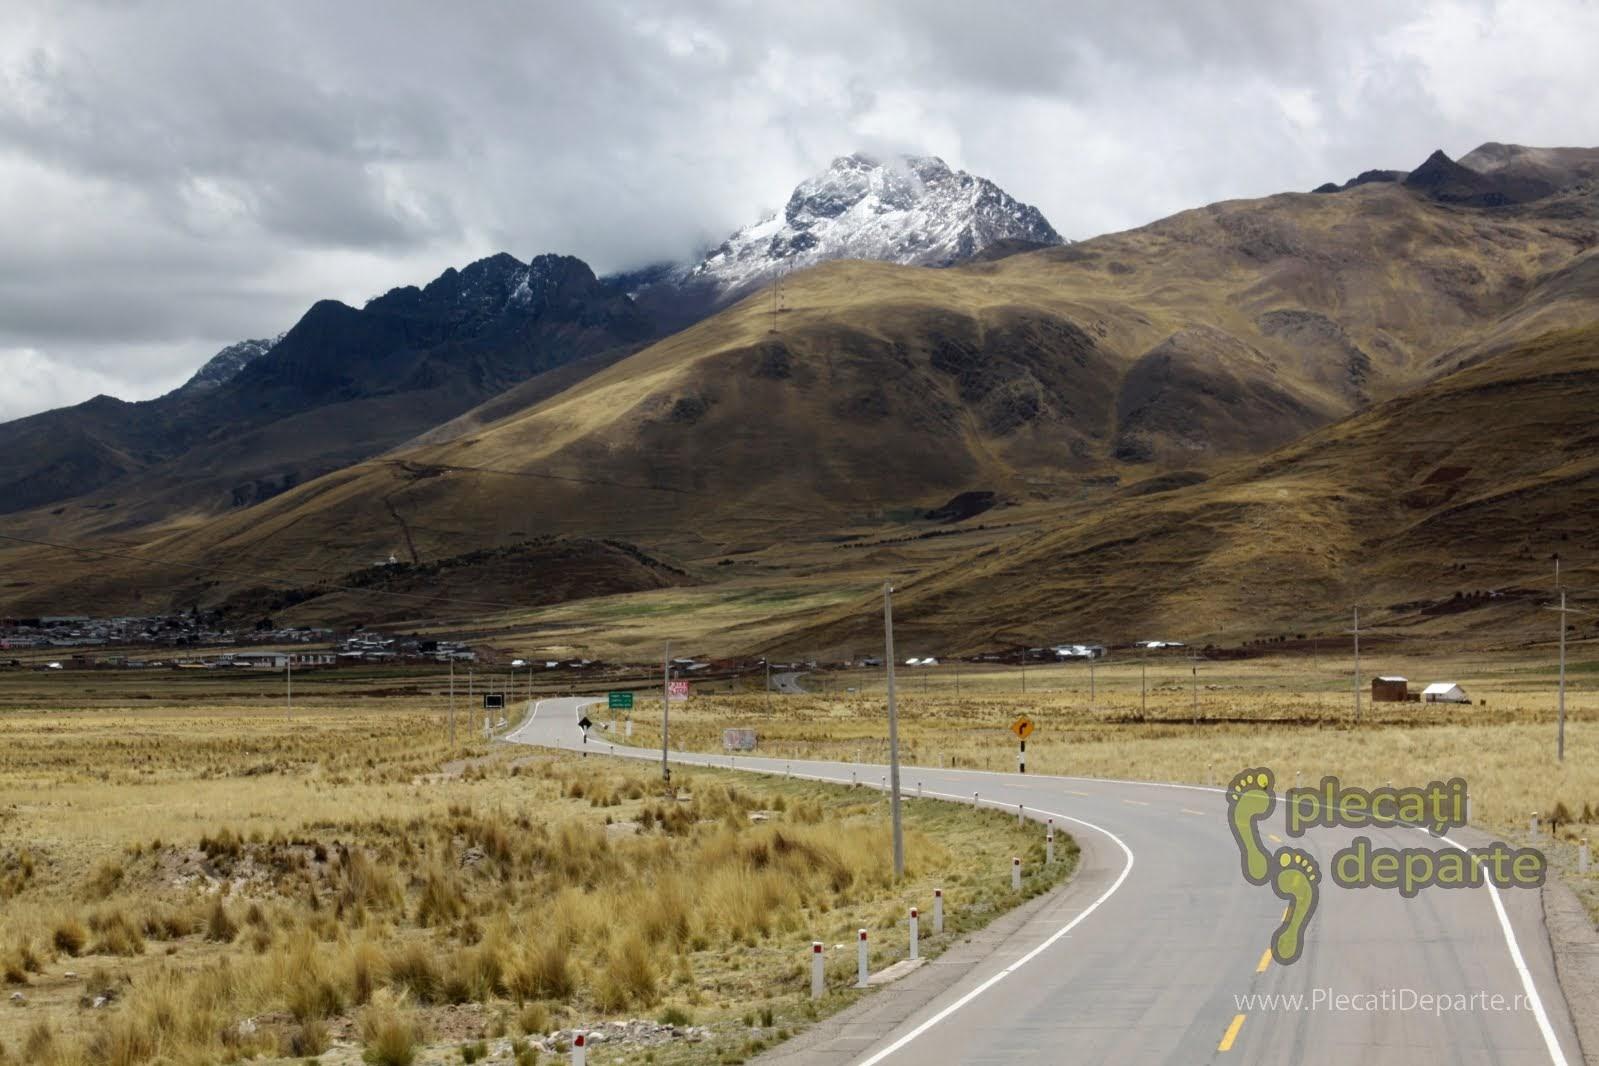 drumul de la Lacul Titicaca spre Cusco, in Peru